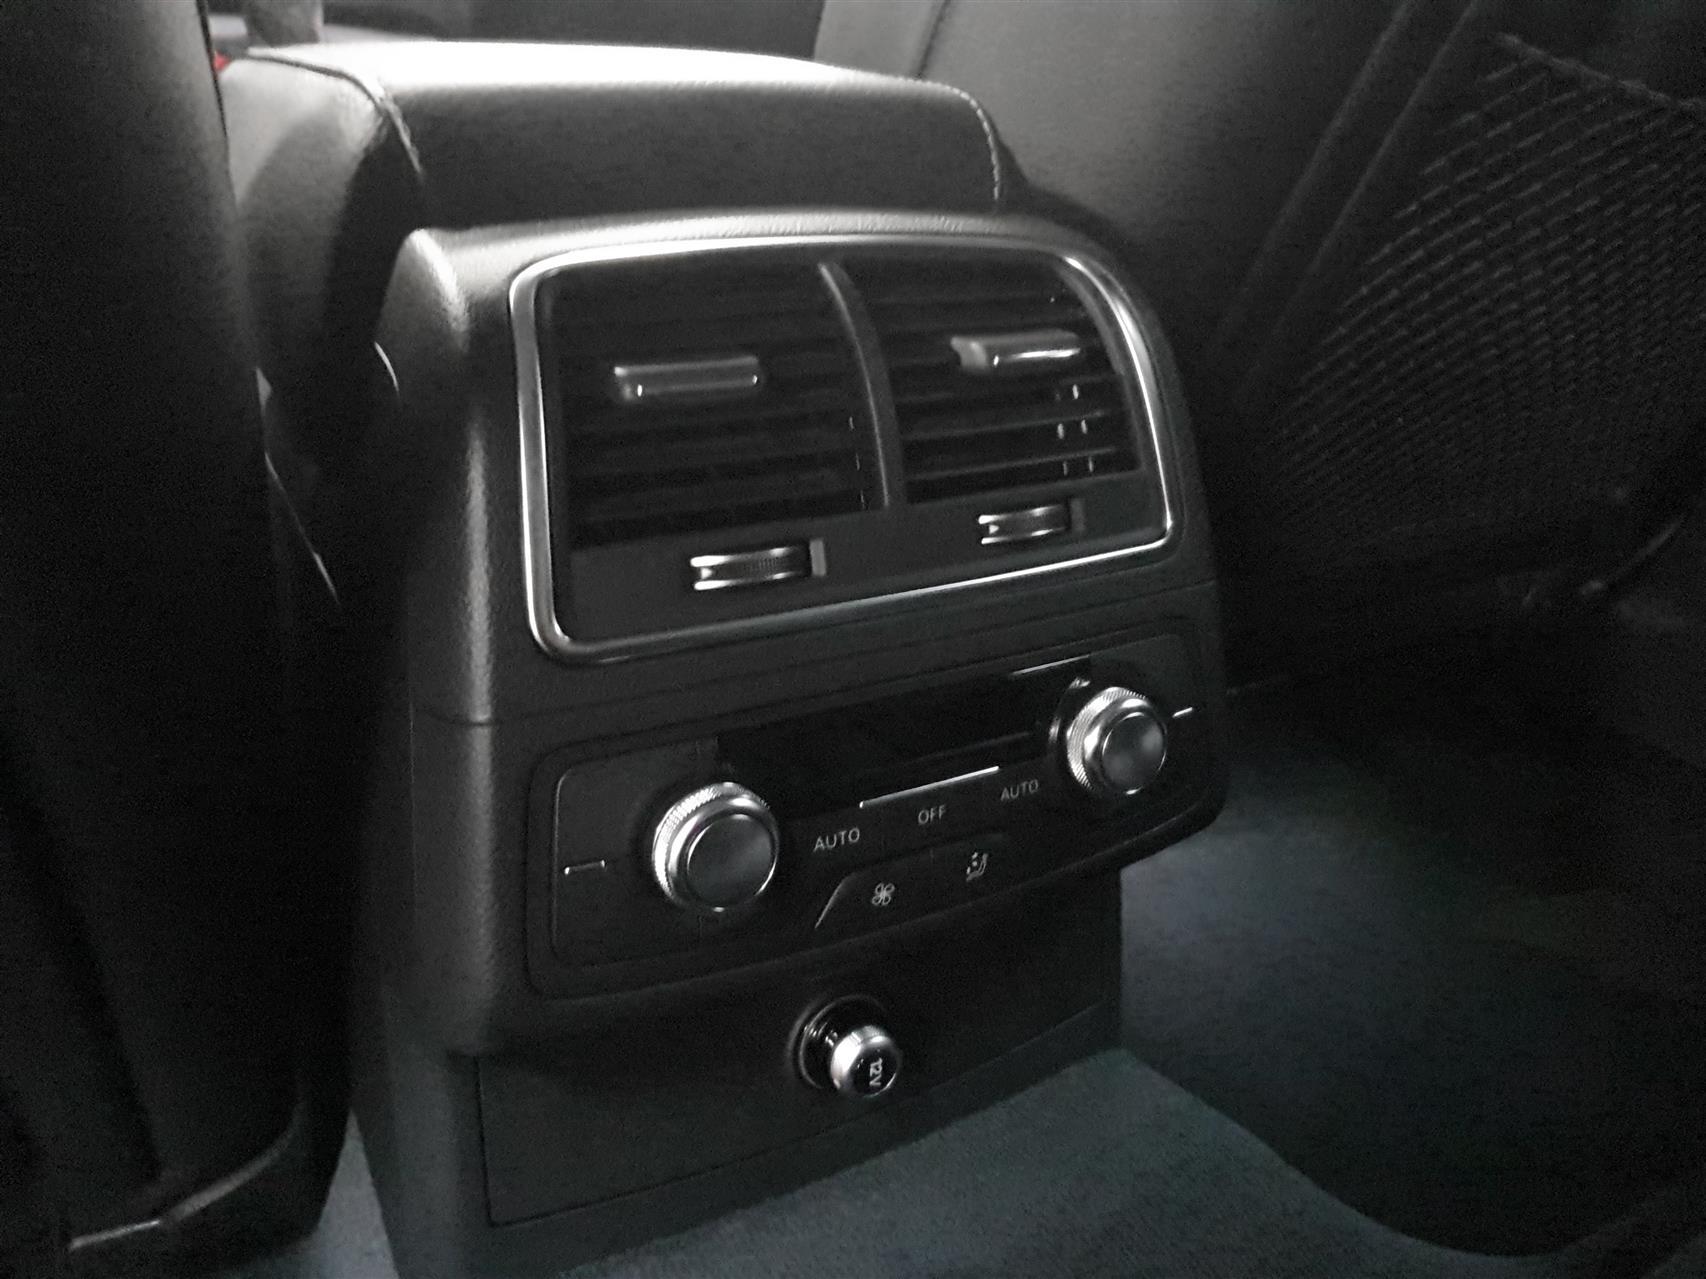 3,0 TDI S Tronic 218HK 7g Aut. image6